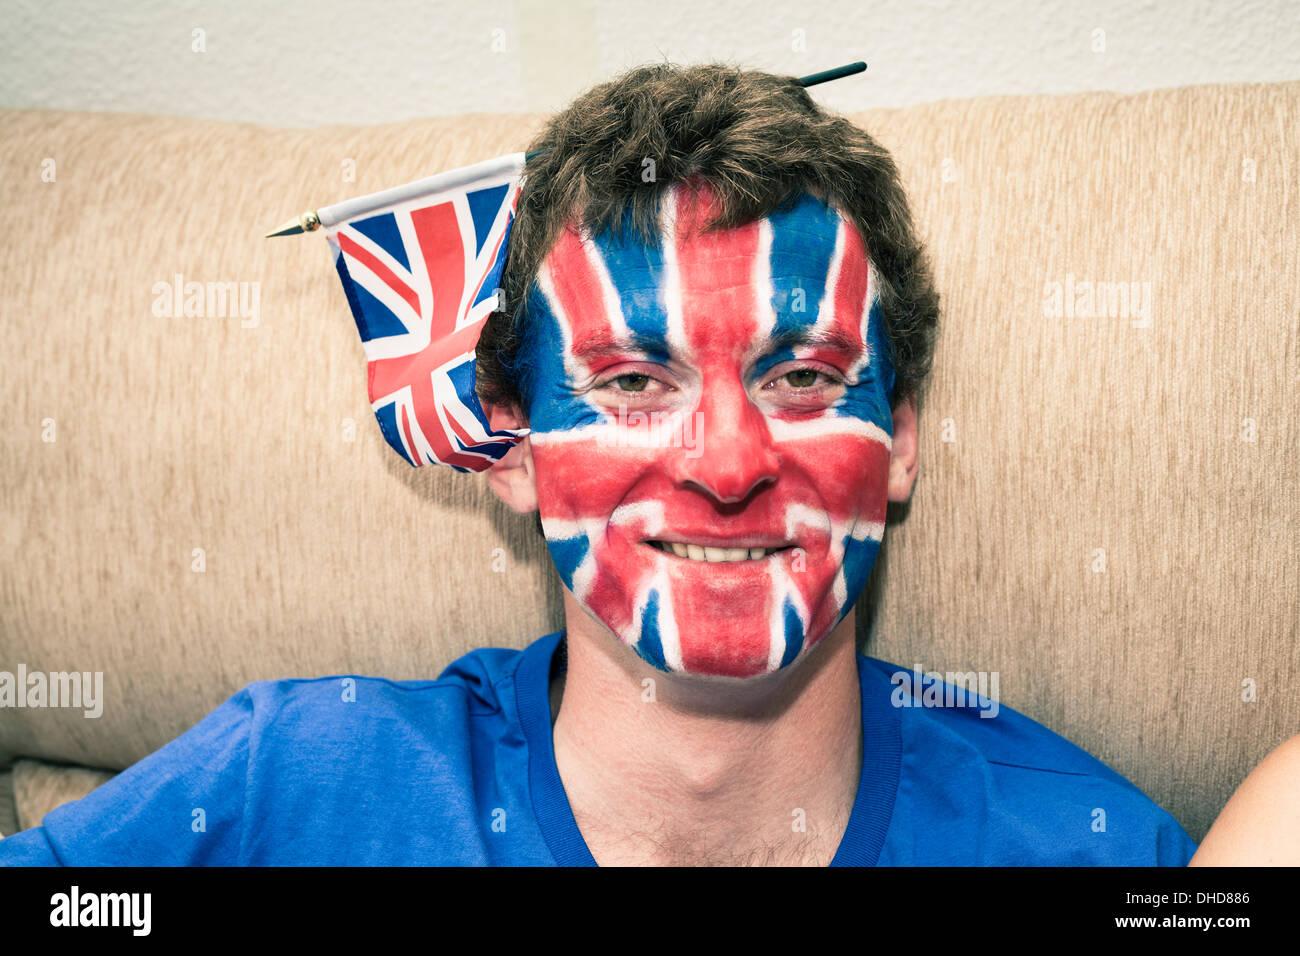 Portrait de l'homme drôle avec drapeau anglais peint sur son visage. Photo Stock